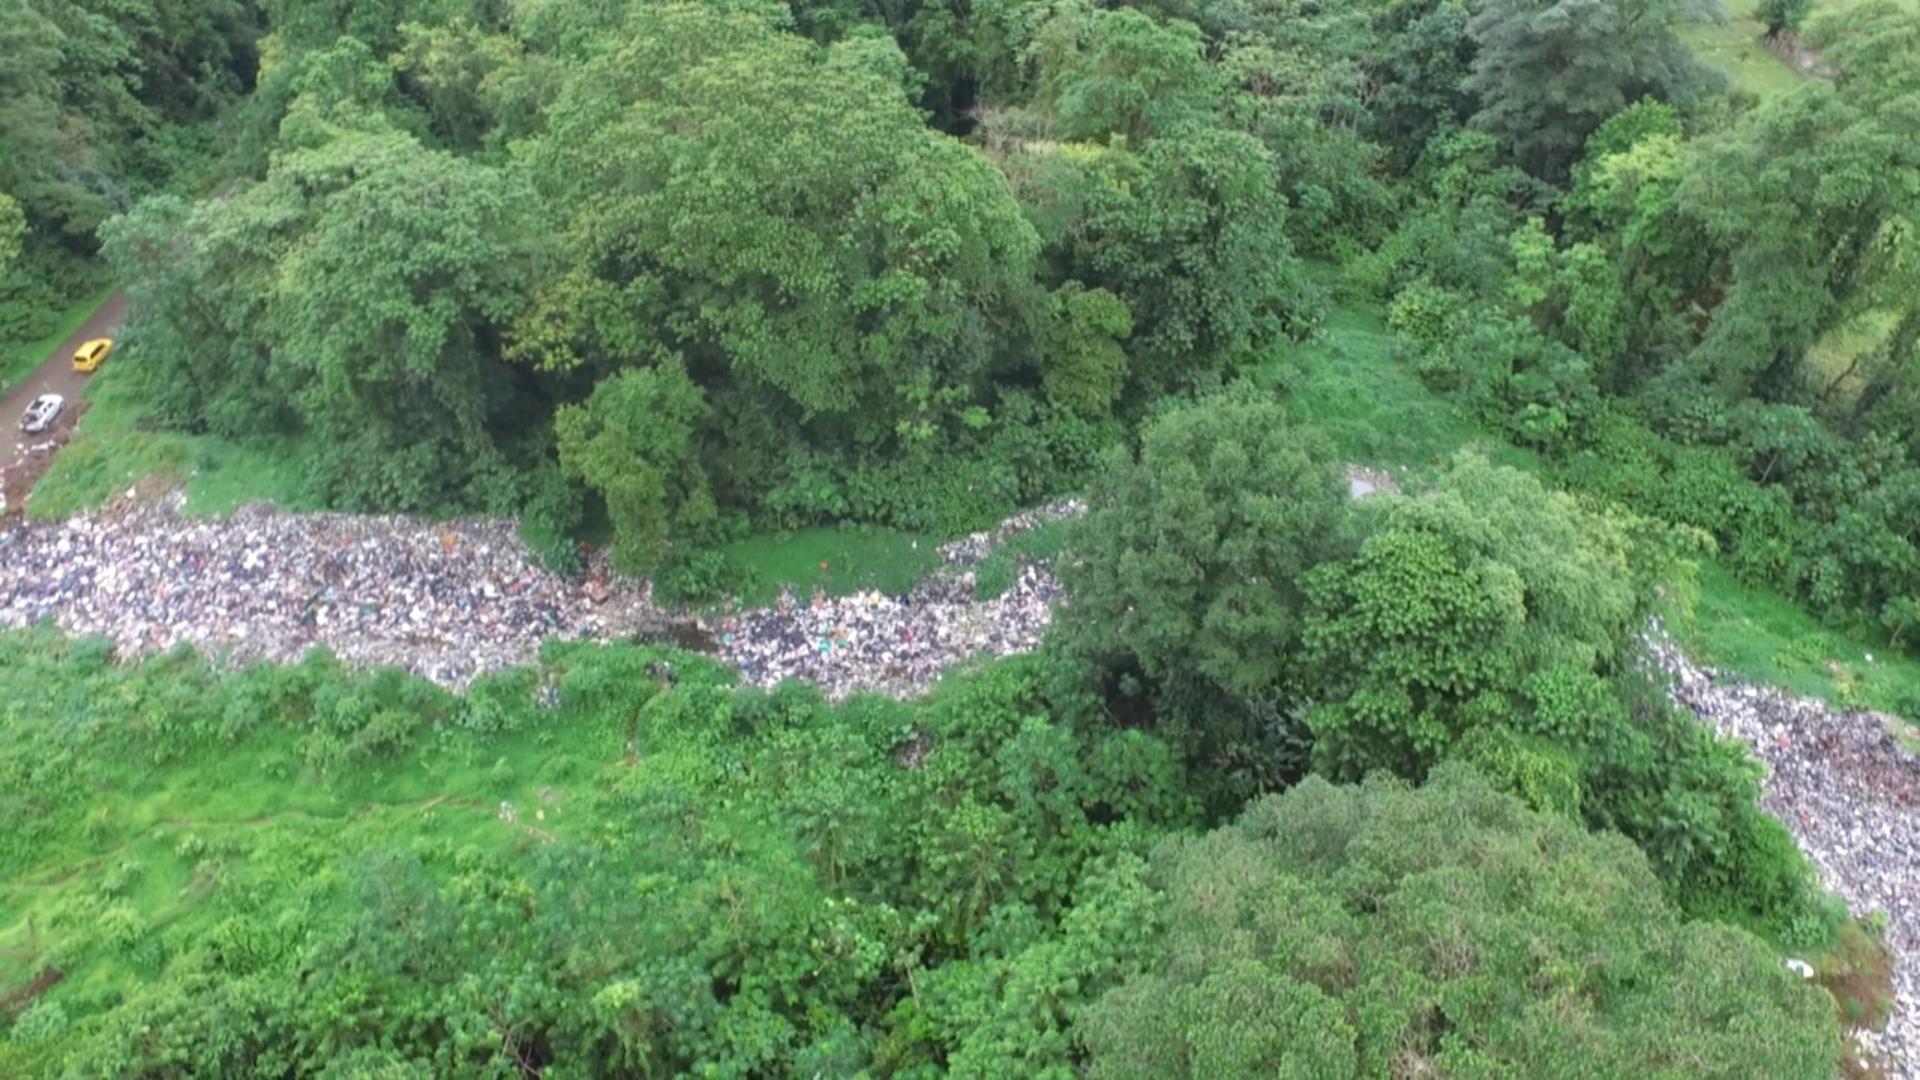 Río de basura en Bahía Solano (ONG Ekoplanet)